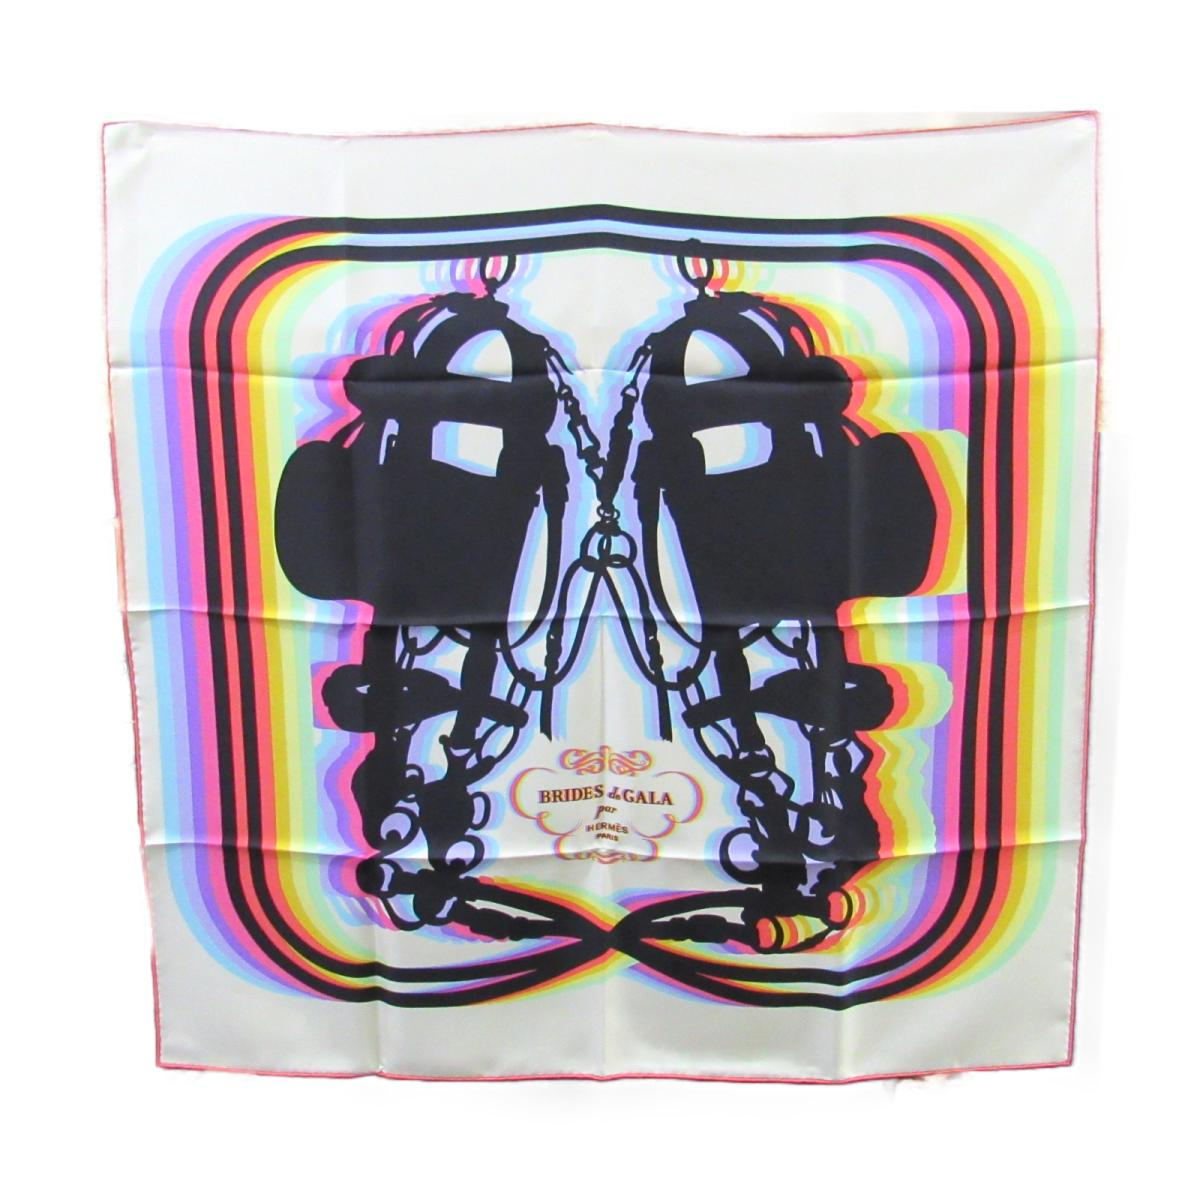 エルメス スカーフ90 衣料品 レディース シルク ピンク×マルチカラー